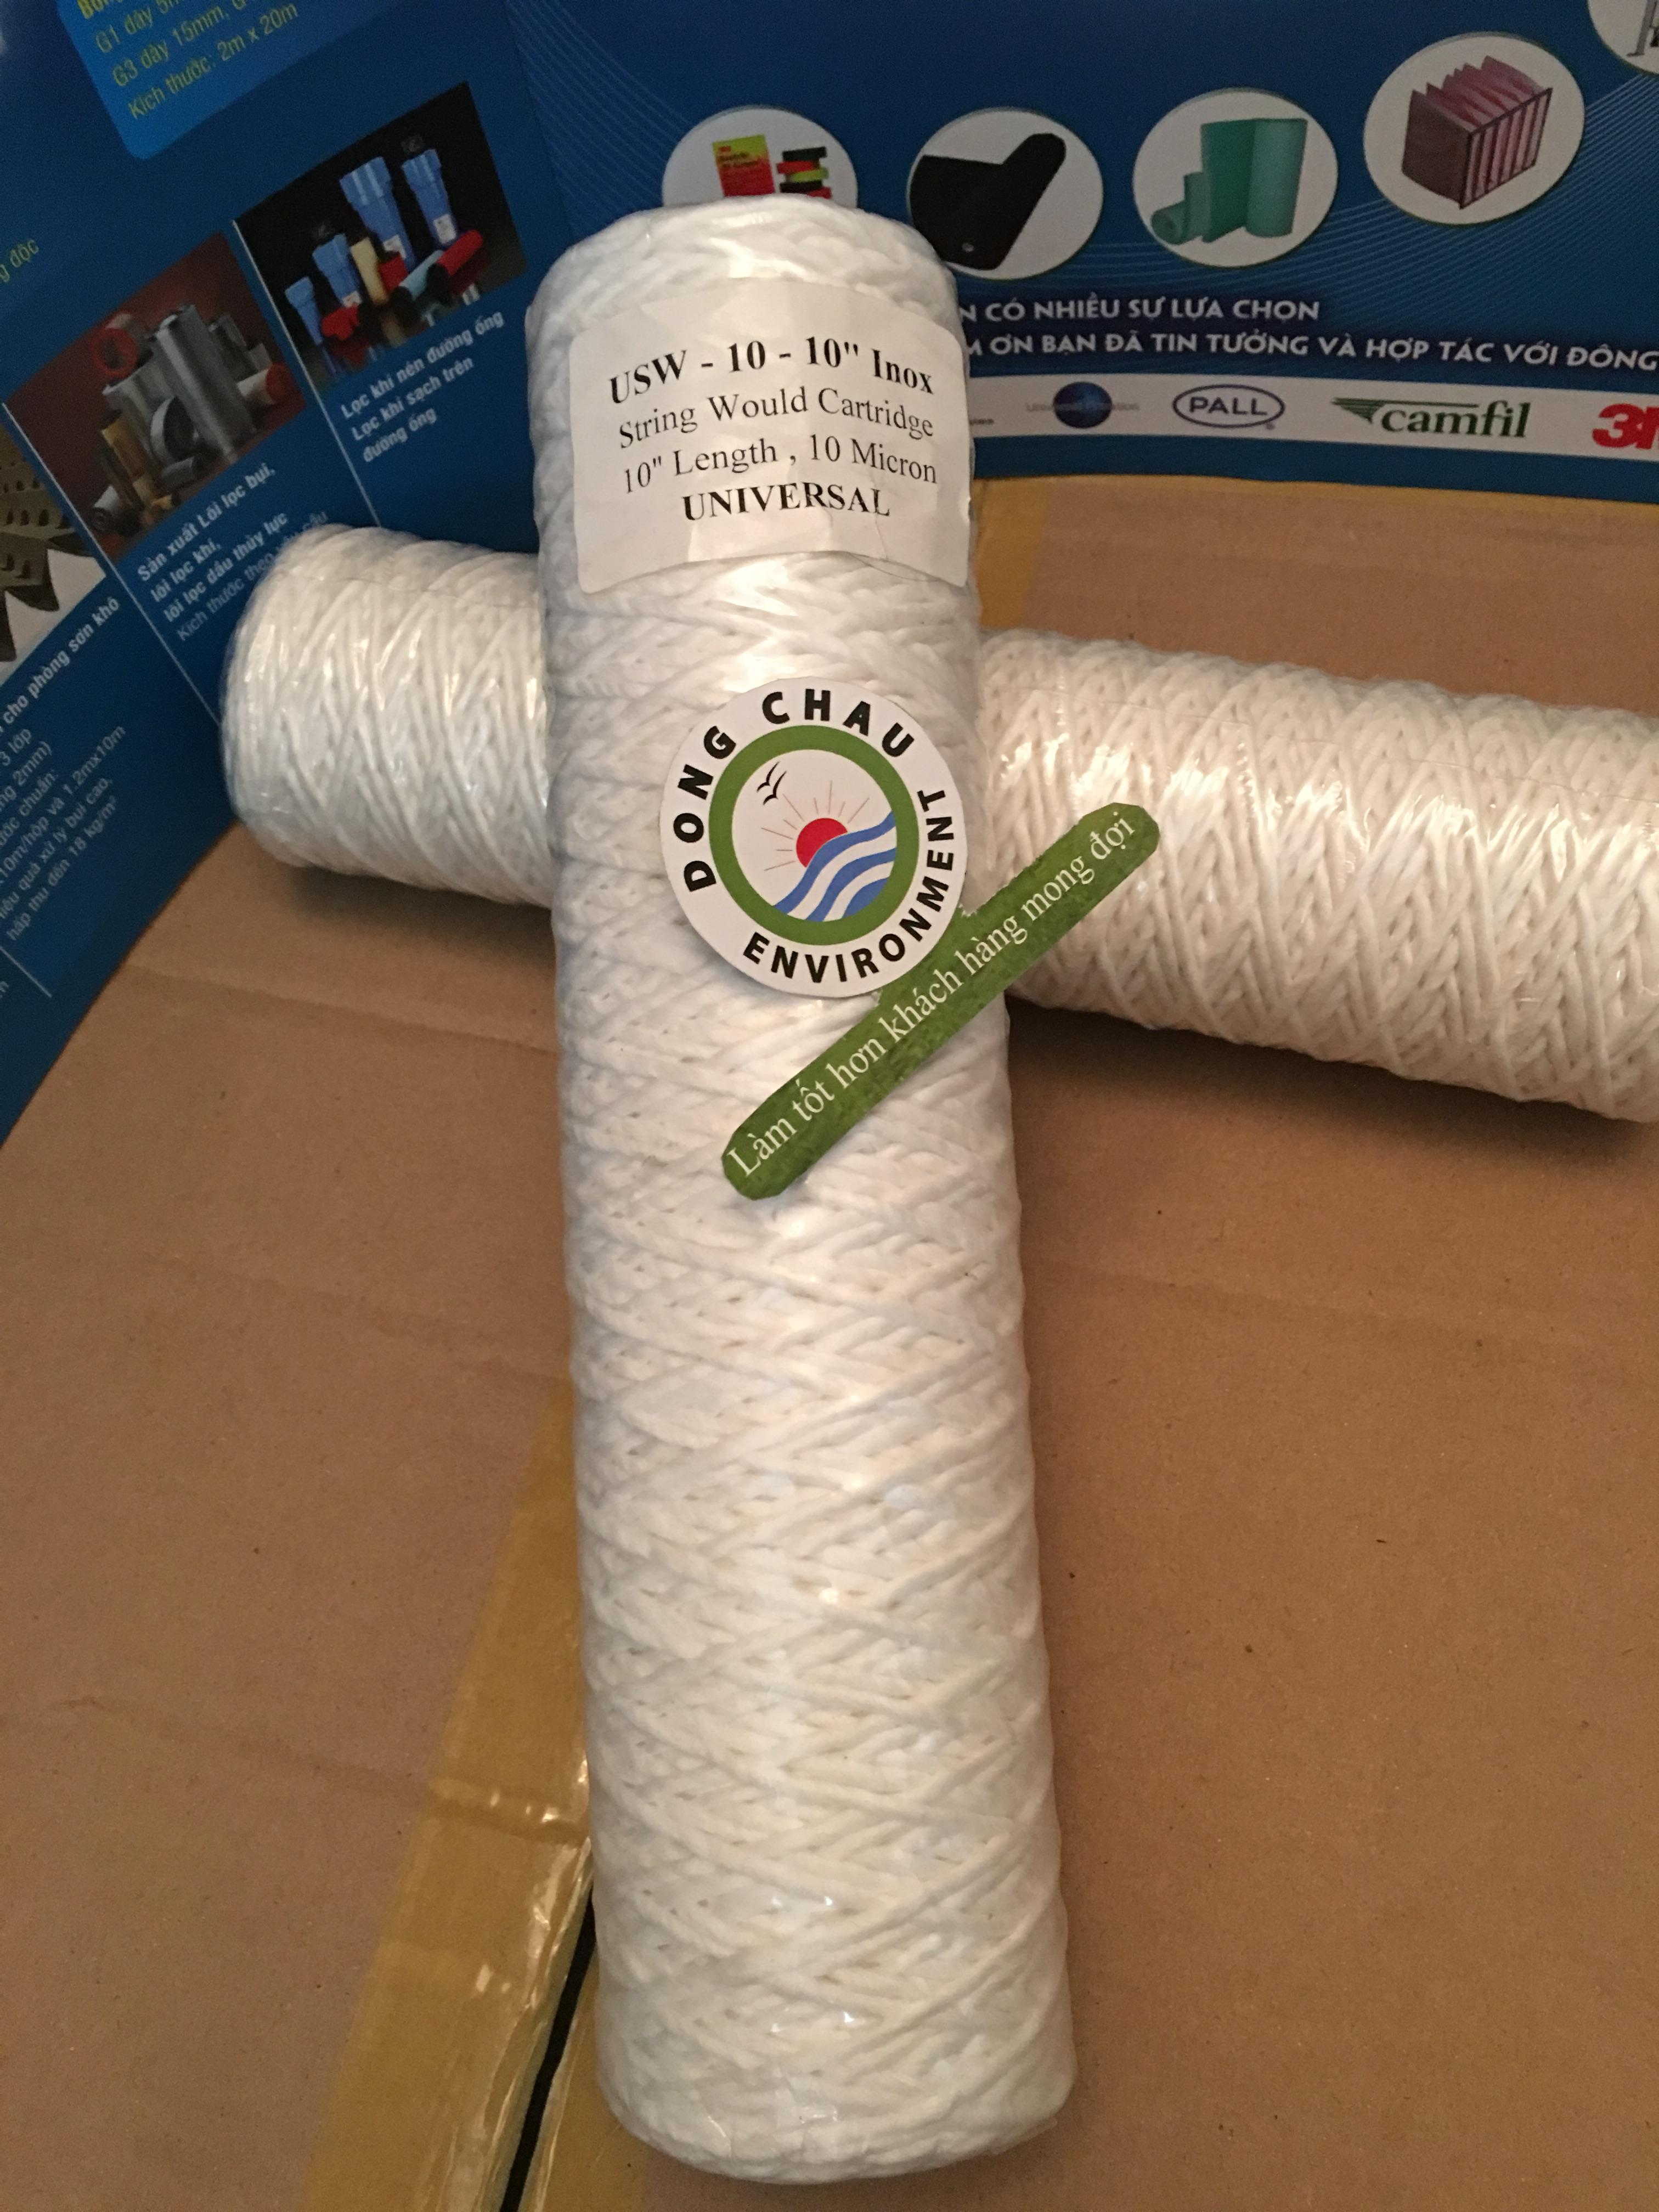 Lõi lọc sợi core inox 10 micron 10 inch